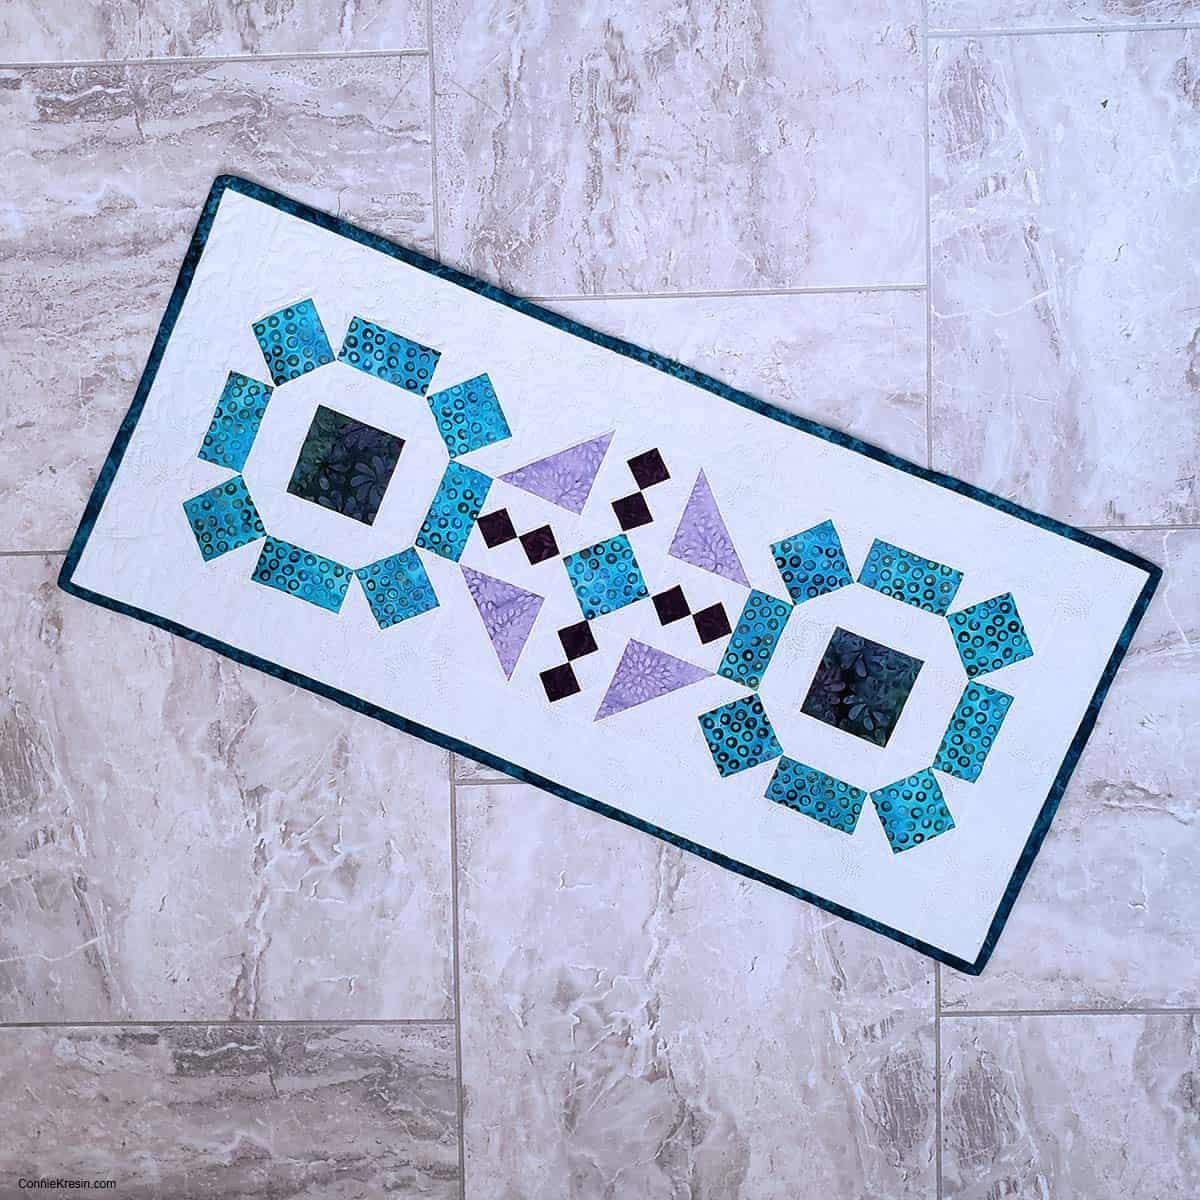 Board game table runner on tile